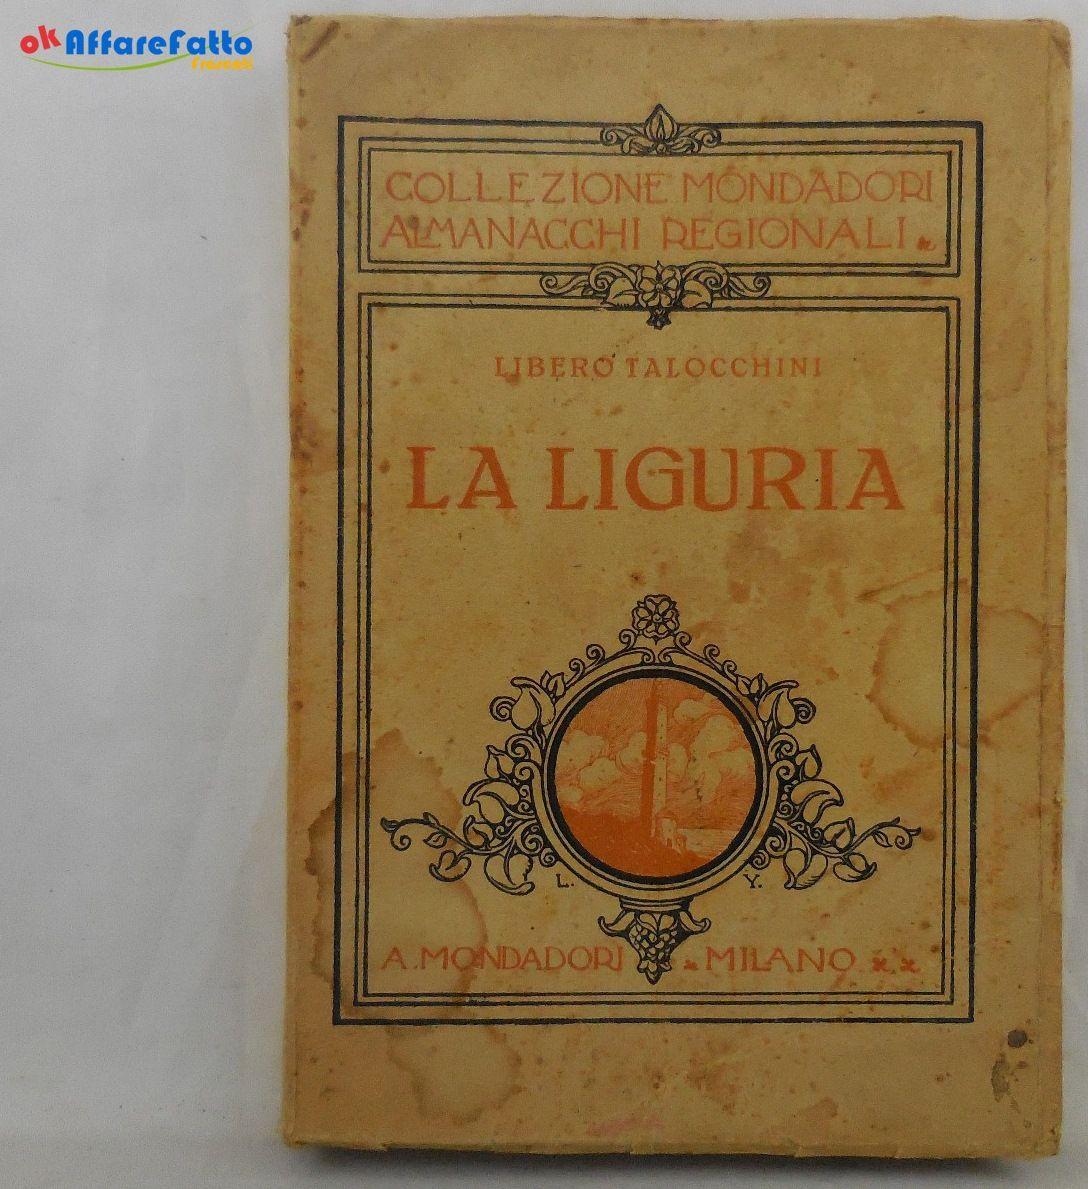 J 5723 LIBRO SUSSIDIARIO PER LA CULTURA REGIONALE LA LIGURIA DI LIBERO TALOCCHINI 1925 - http://www.okaffarefattofrascati.com/?product=j-5723-libro-sussidiario-per-la-cultura-regionale-la-liguria-di-libero-talocchini-1925